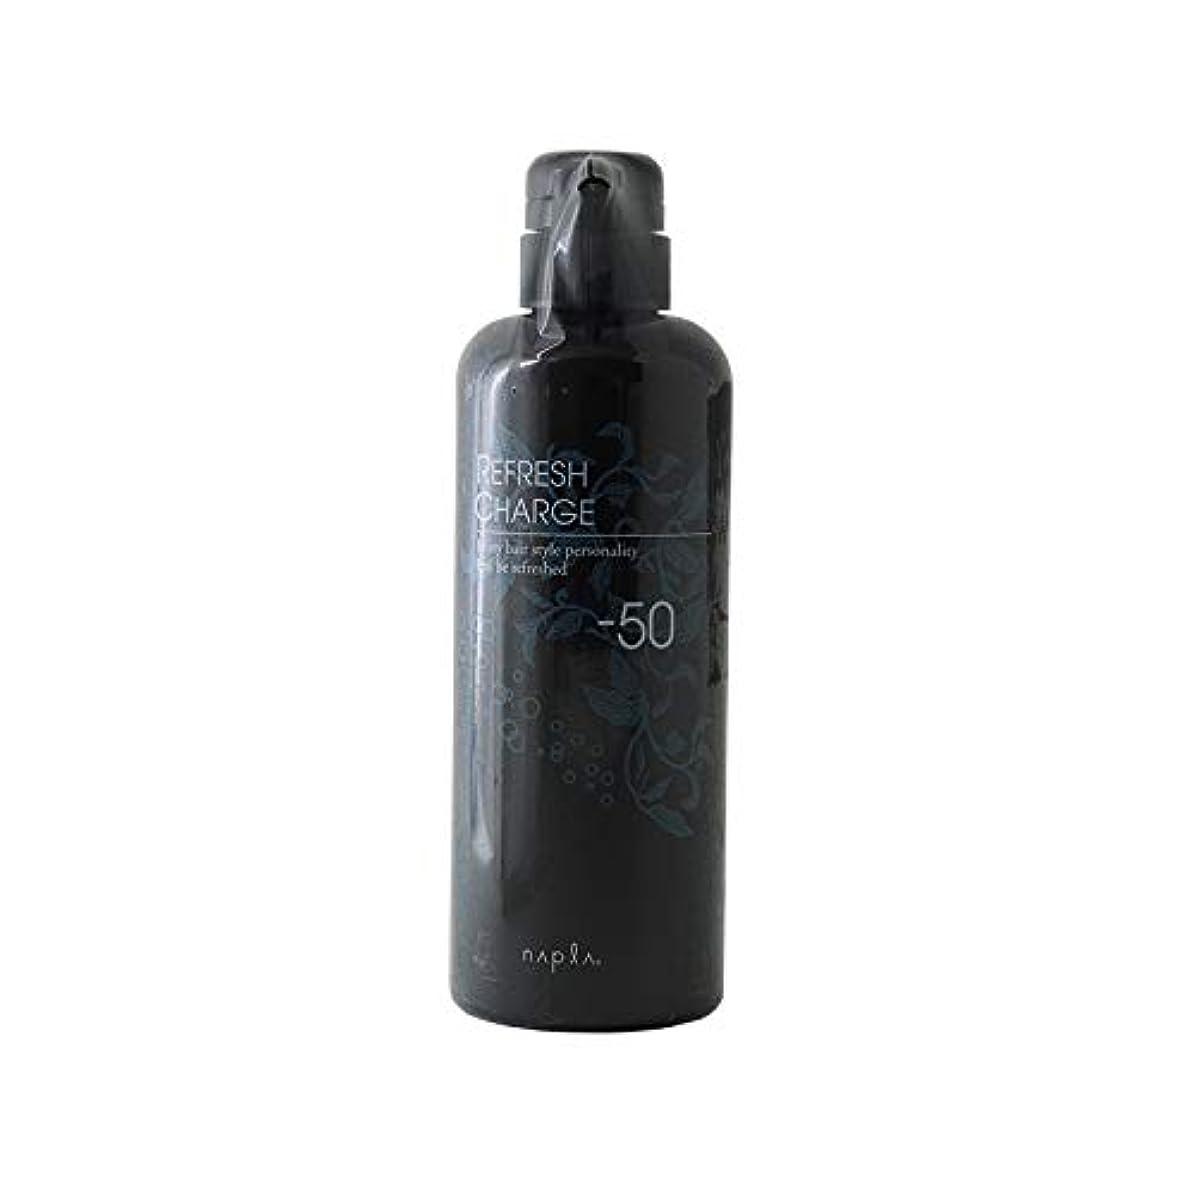 リフレッシュスキャルプ リフレッシュチャージ -50(500ml)